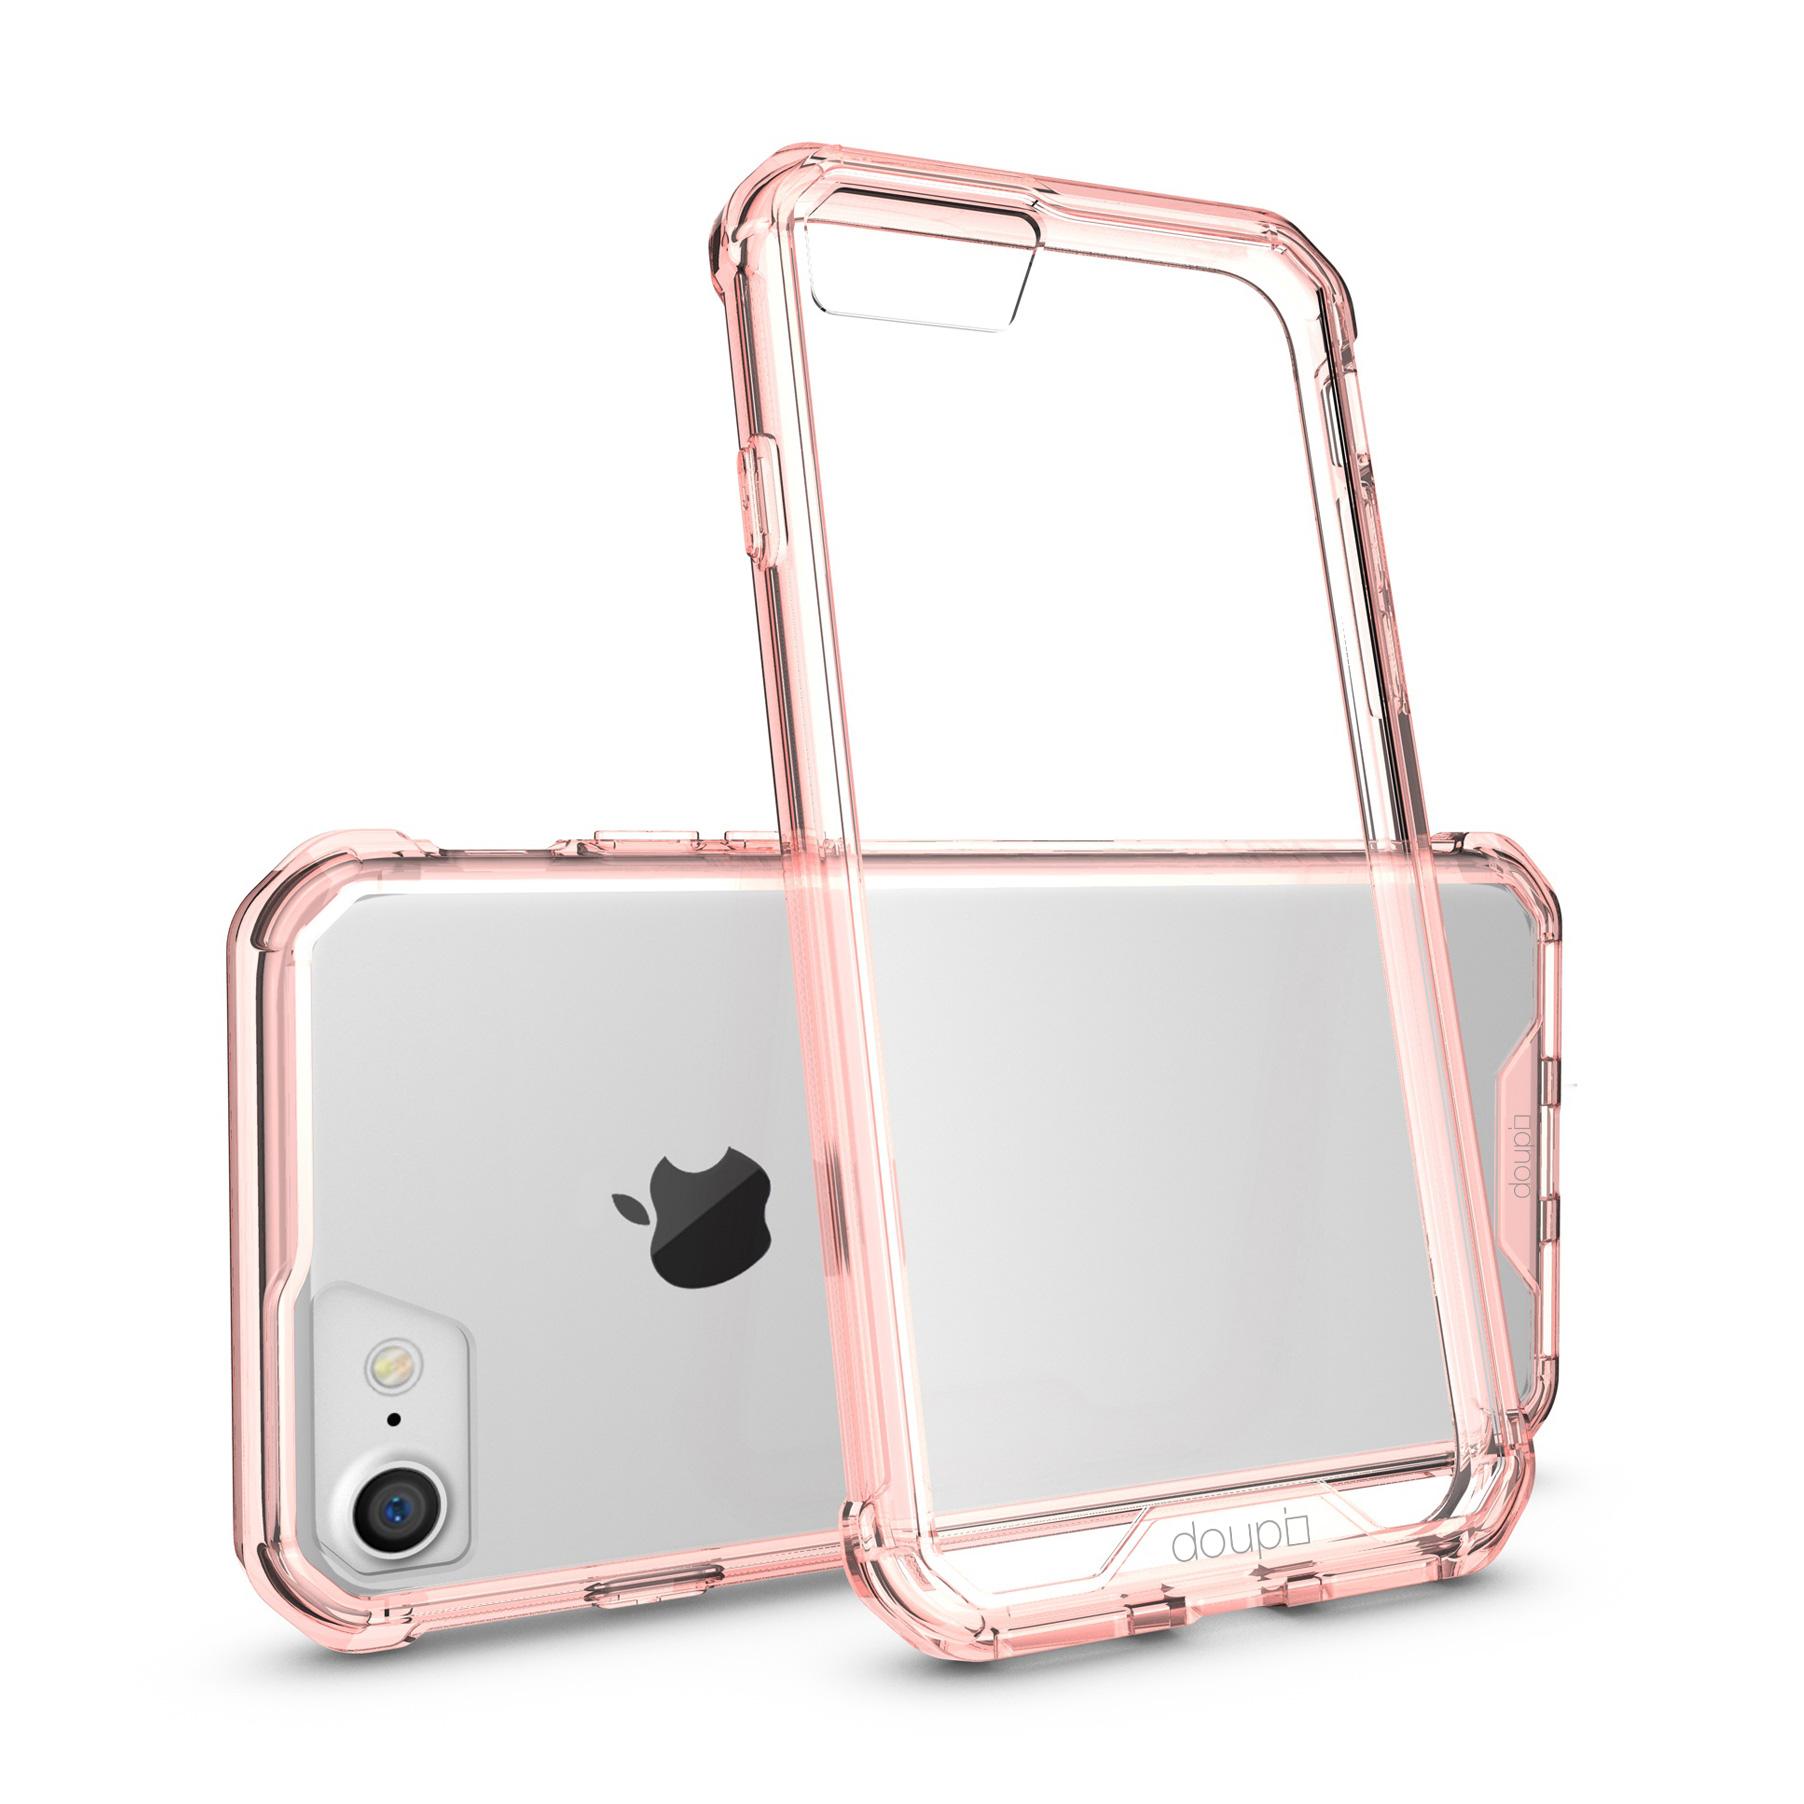 AirClear-Case-iPhone-8-7-4-7-034-Rueckschale-Bumper-Rahmen-Schutz-Huelle-Folie Indexbild 16